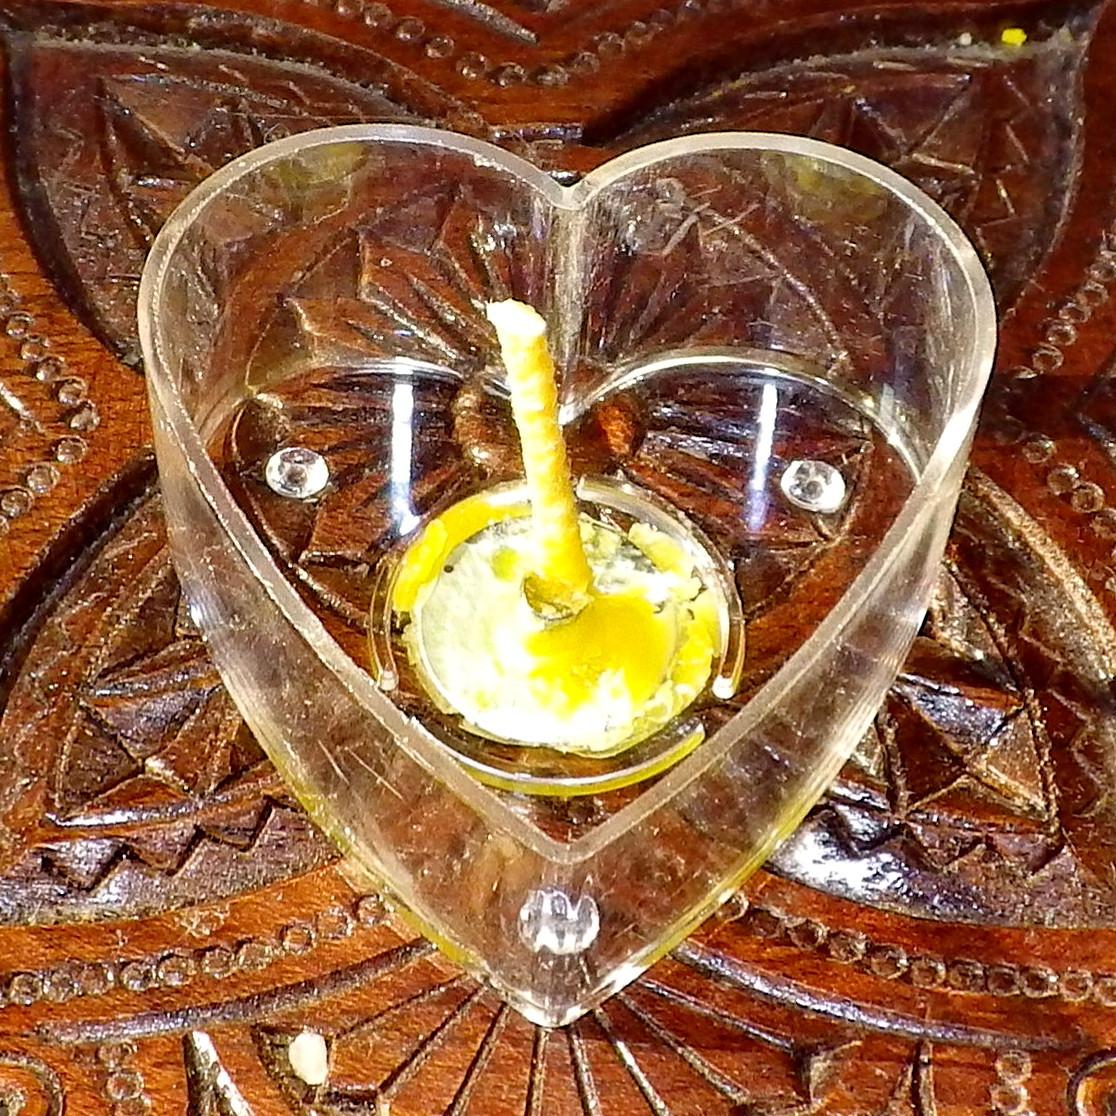 Набор для изготовления чайной свечи Валентинка (прозрачный контейнер чайной свечи, фиксатор фитиля, фитиль)